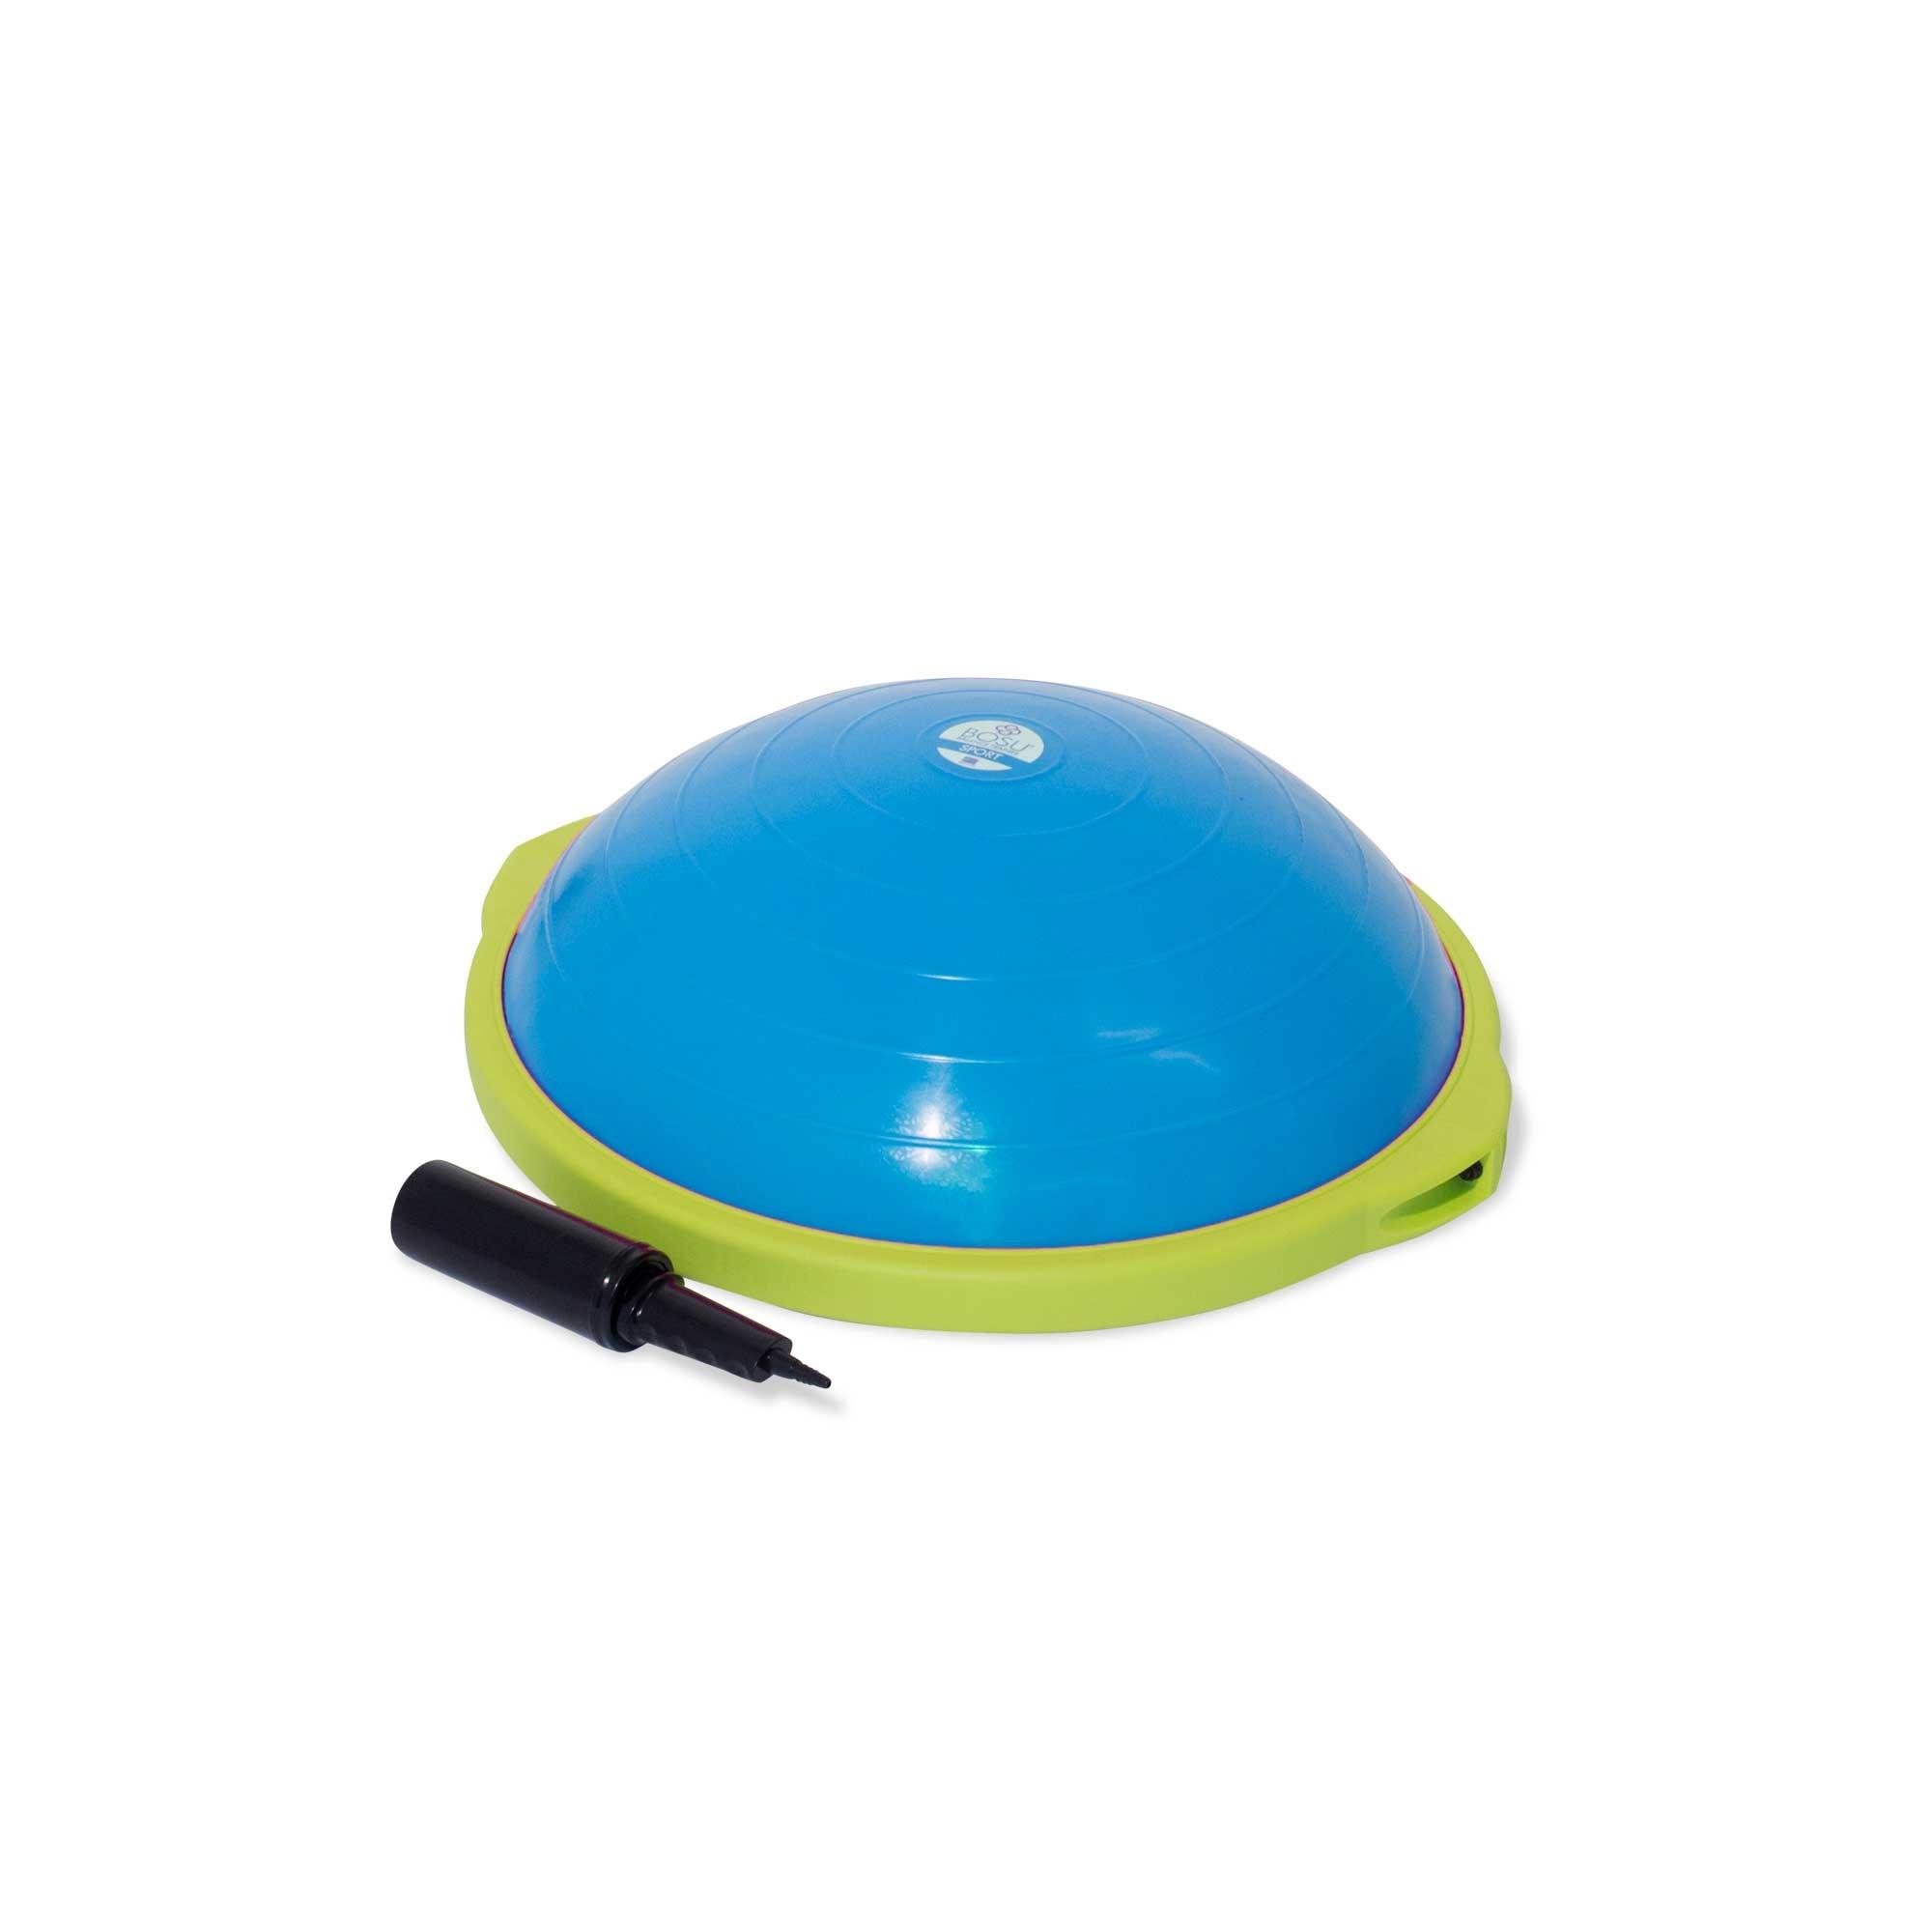 Bosu 174 Sport 50cm Balance Trainer Blue Physical Company Ltd